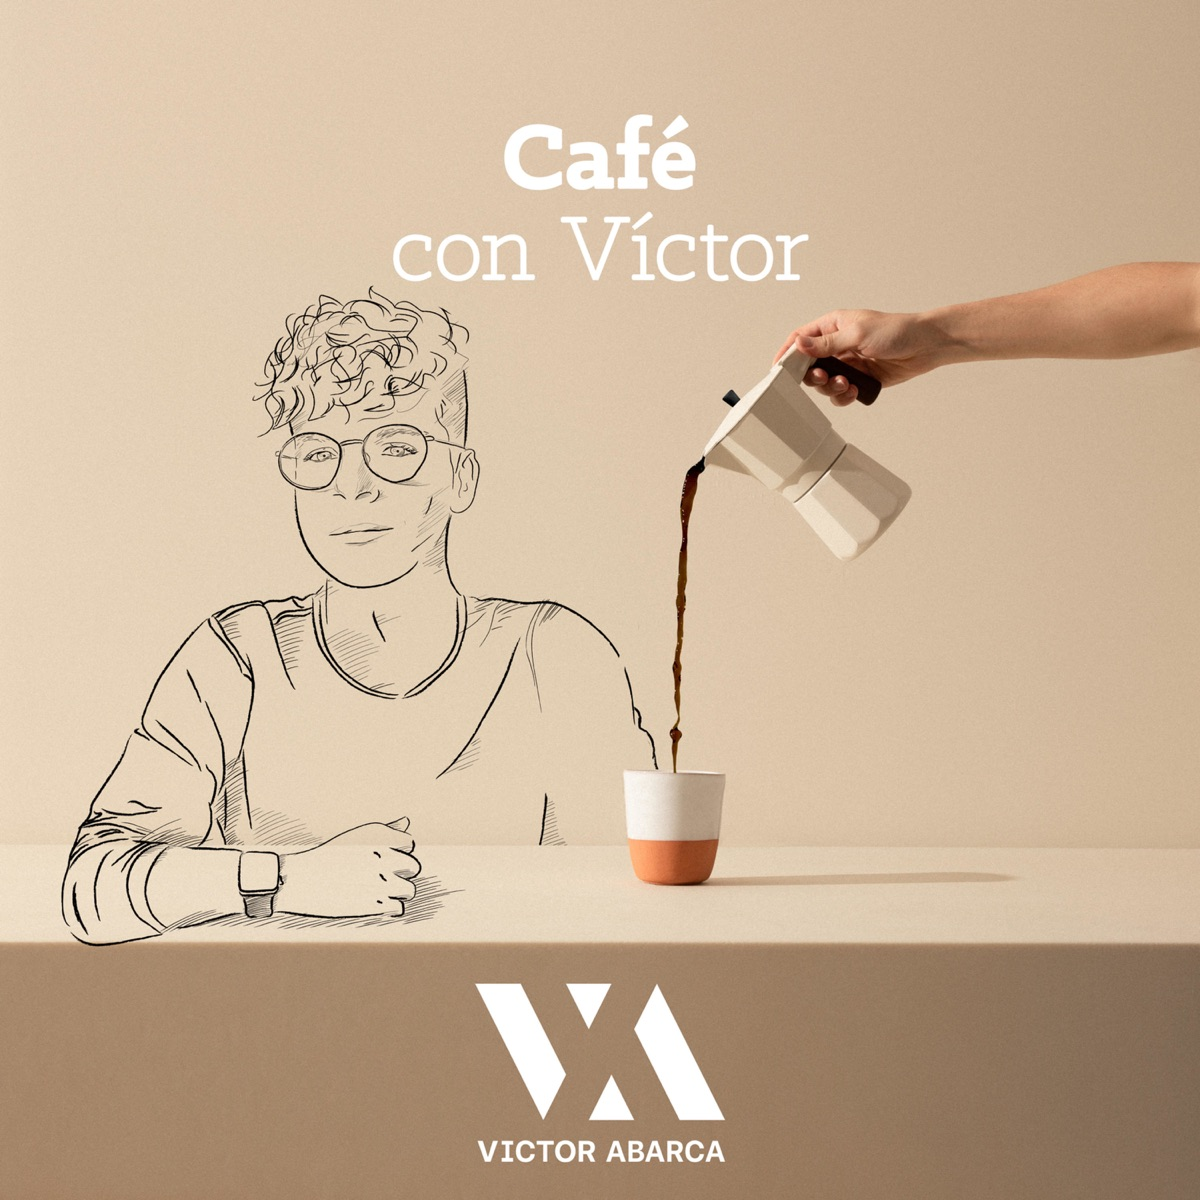 Cafe con Victor